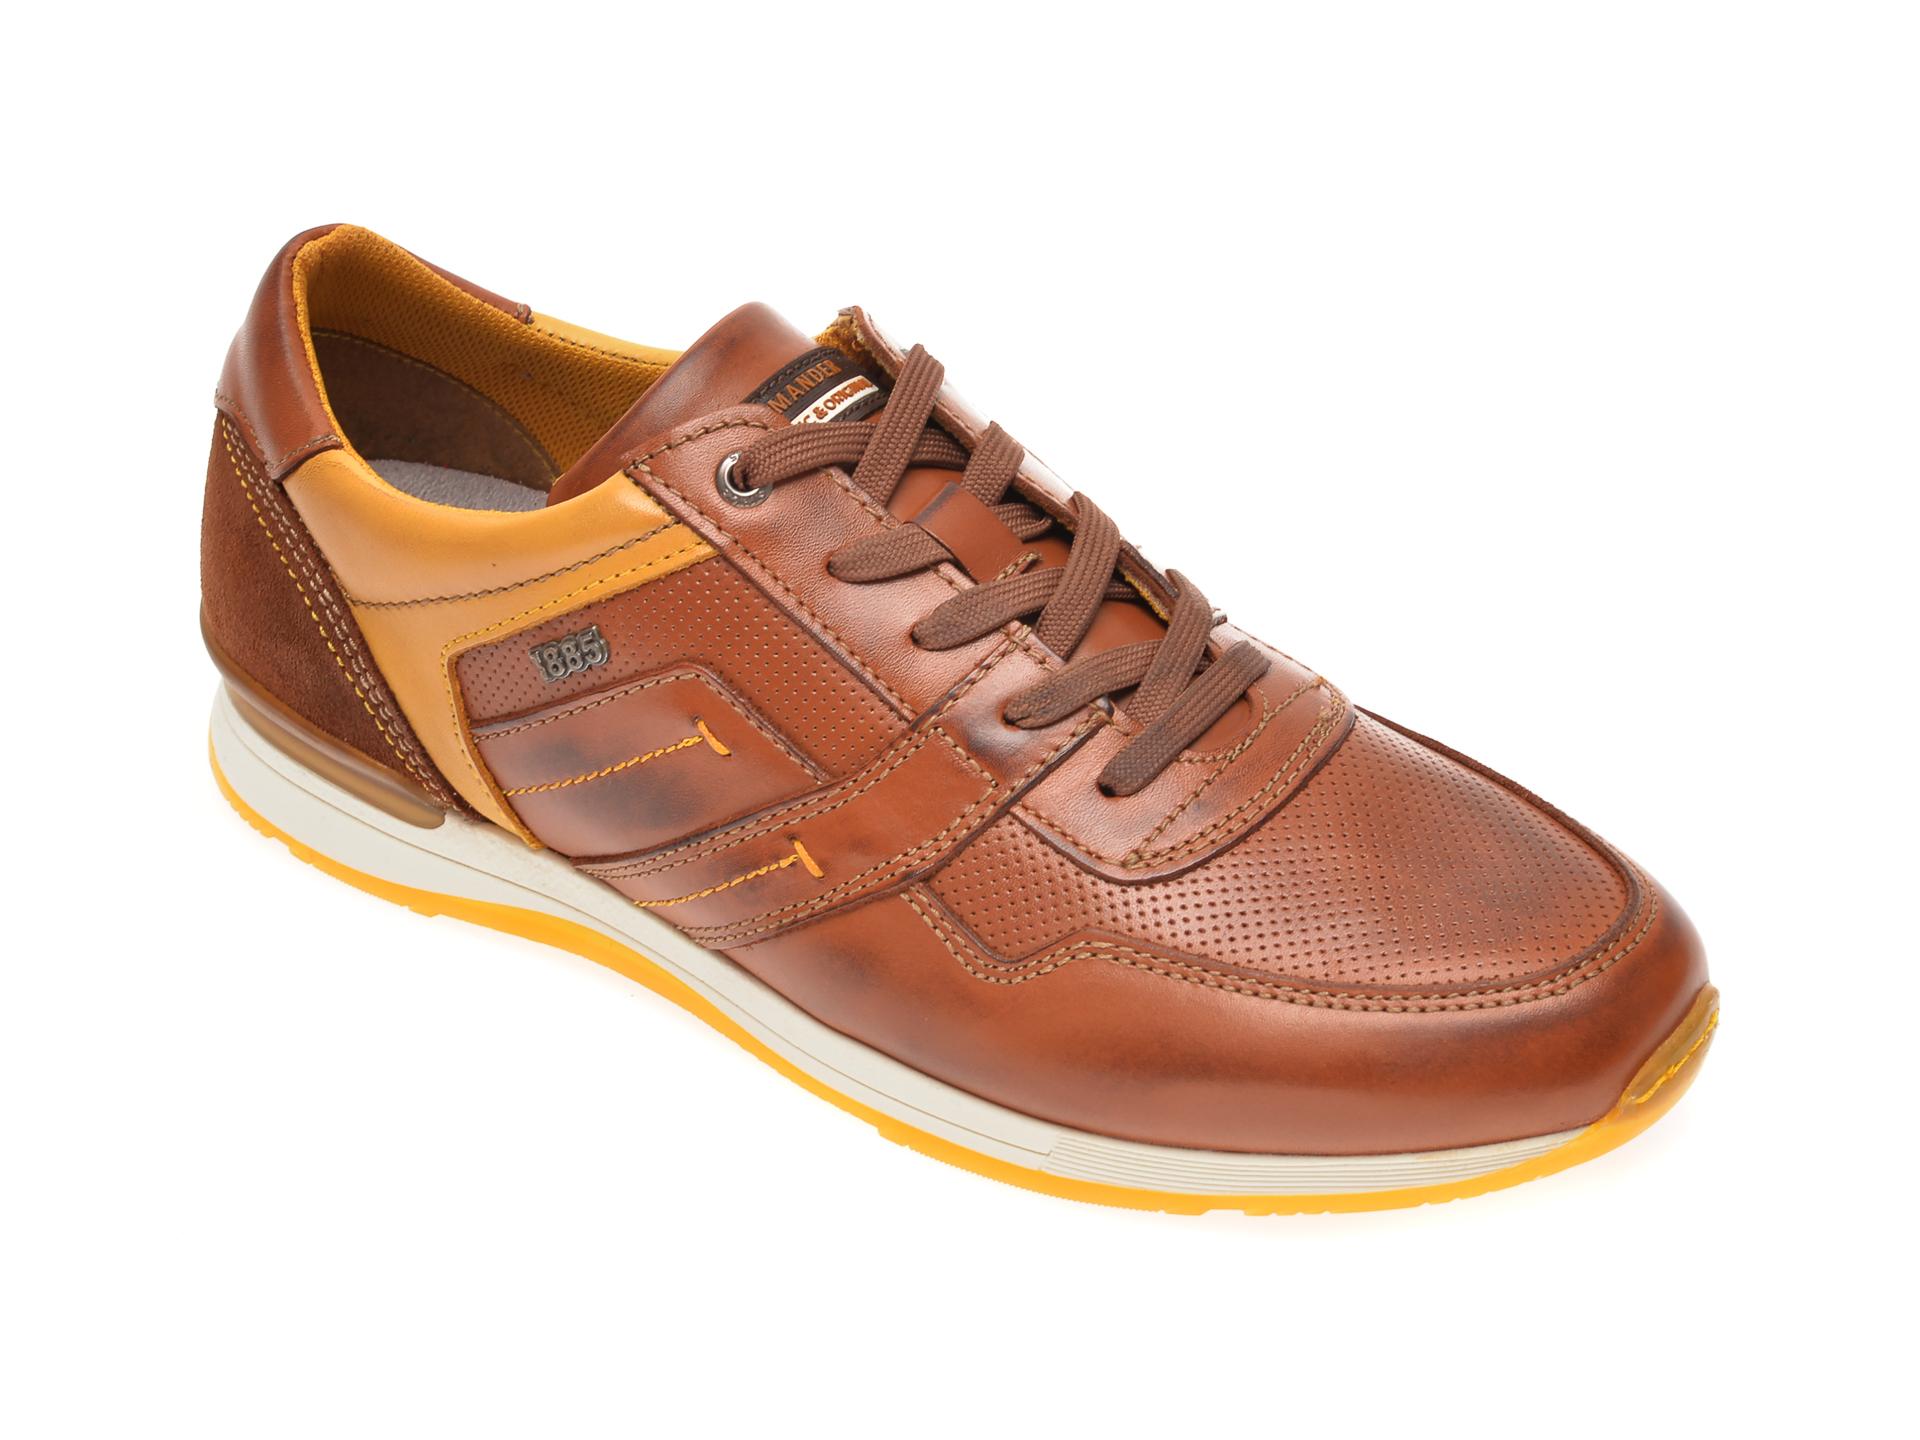 Pantofi SALAMANDER maro, 56201, din piele naturala imagine